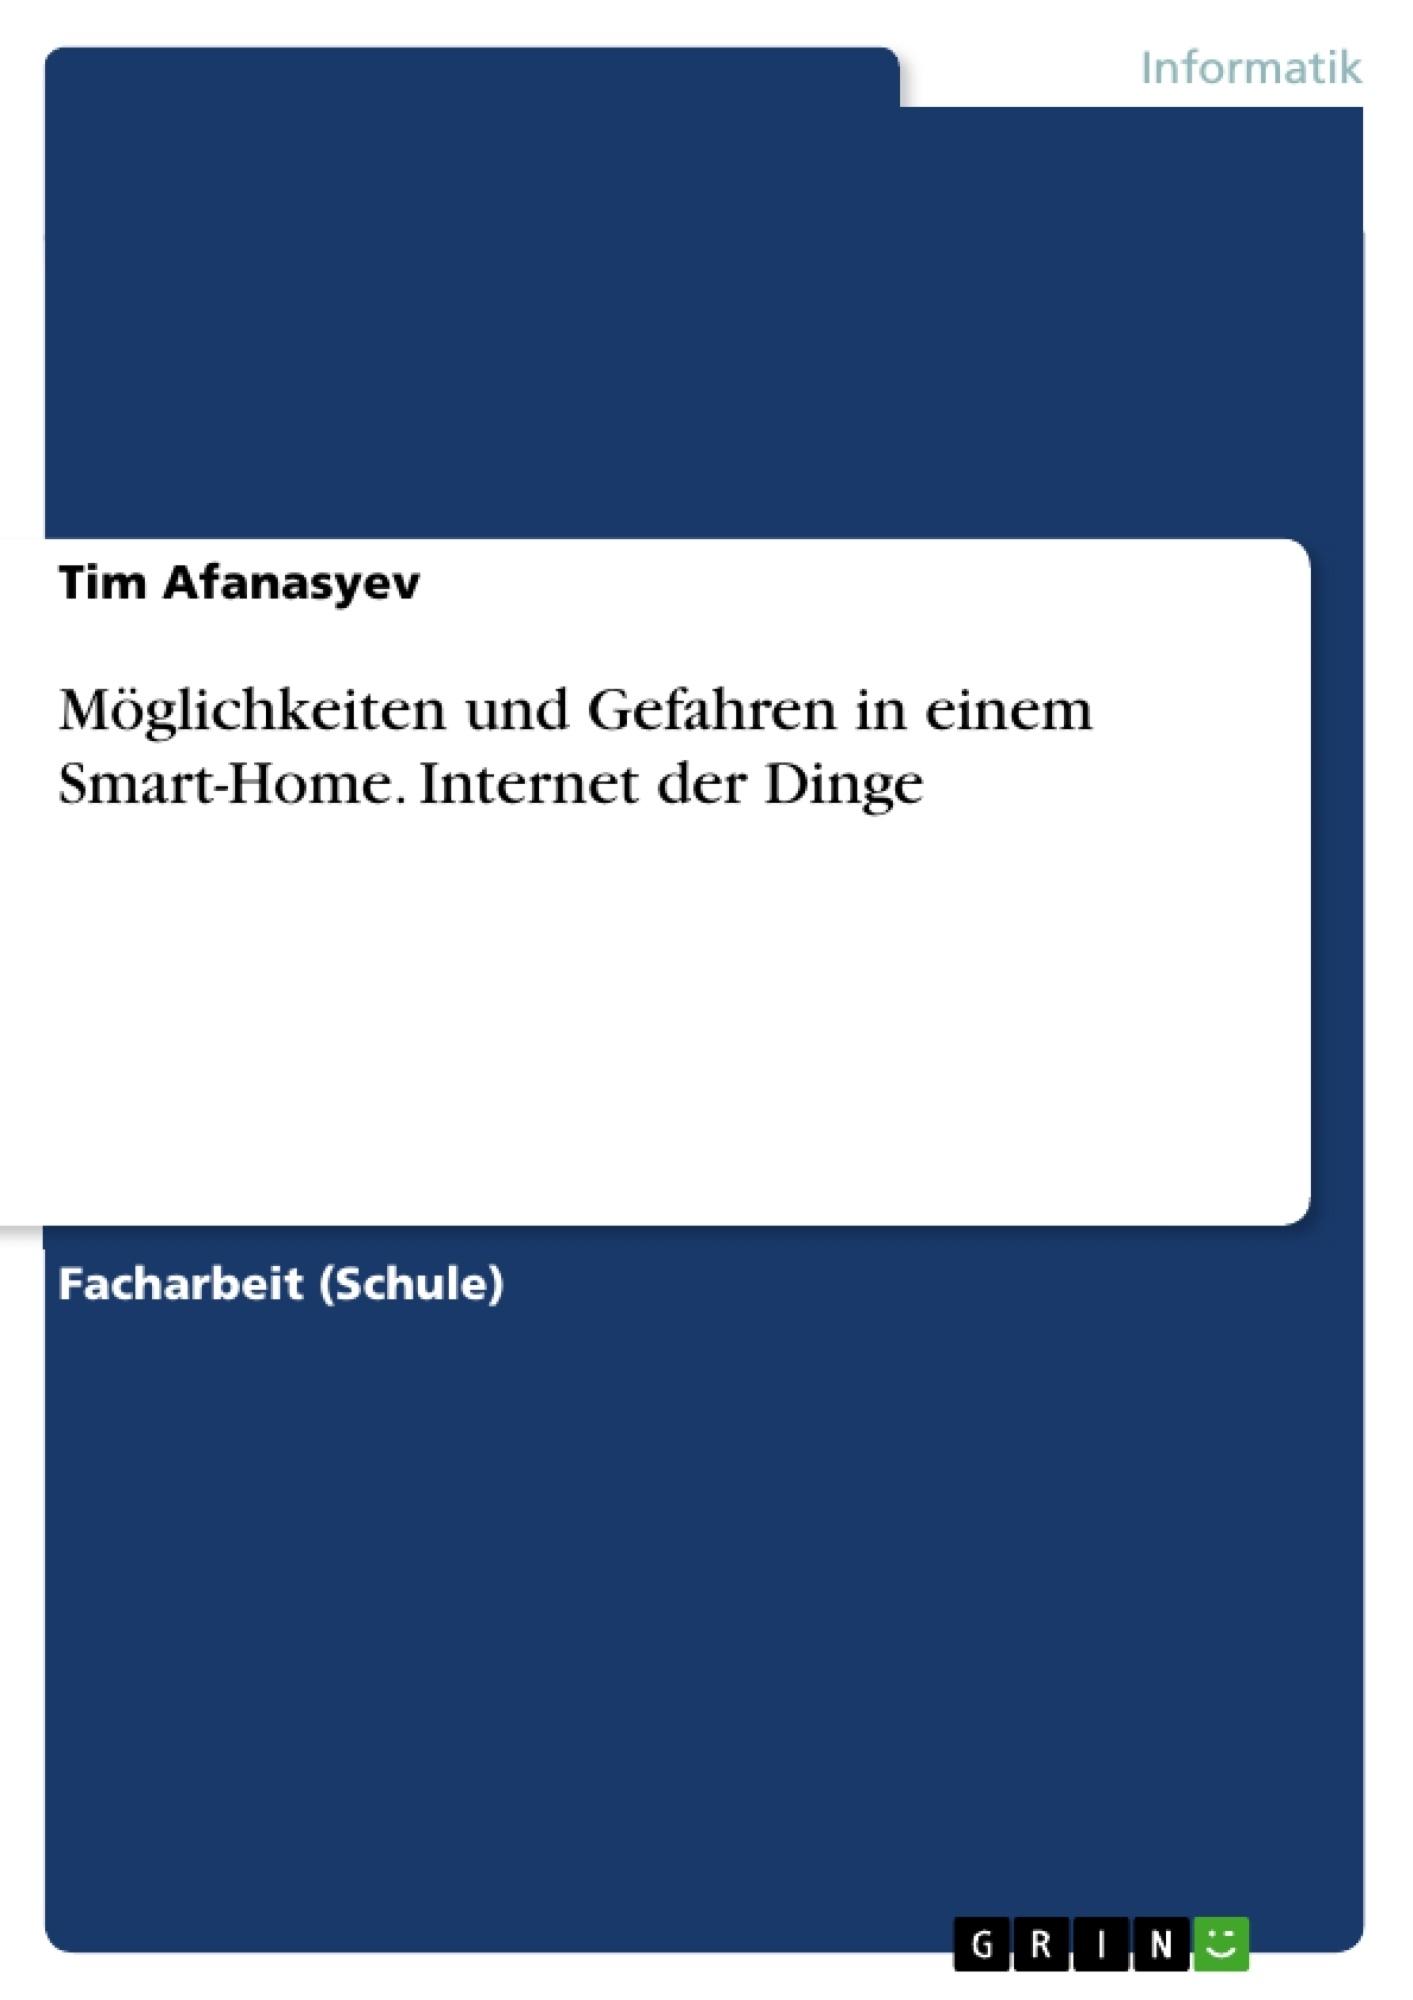 Titel: Möglichkeiten und Gefahren in einem Smart-Home. Internet der Dinge